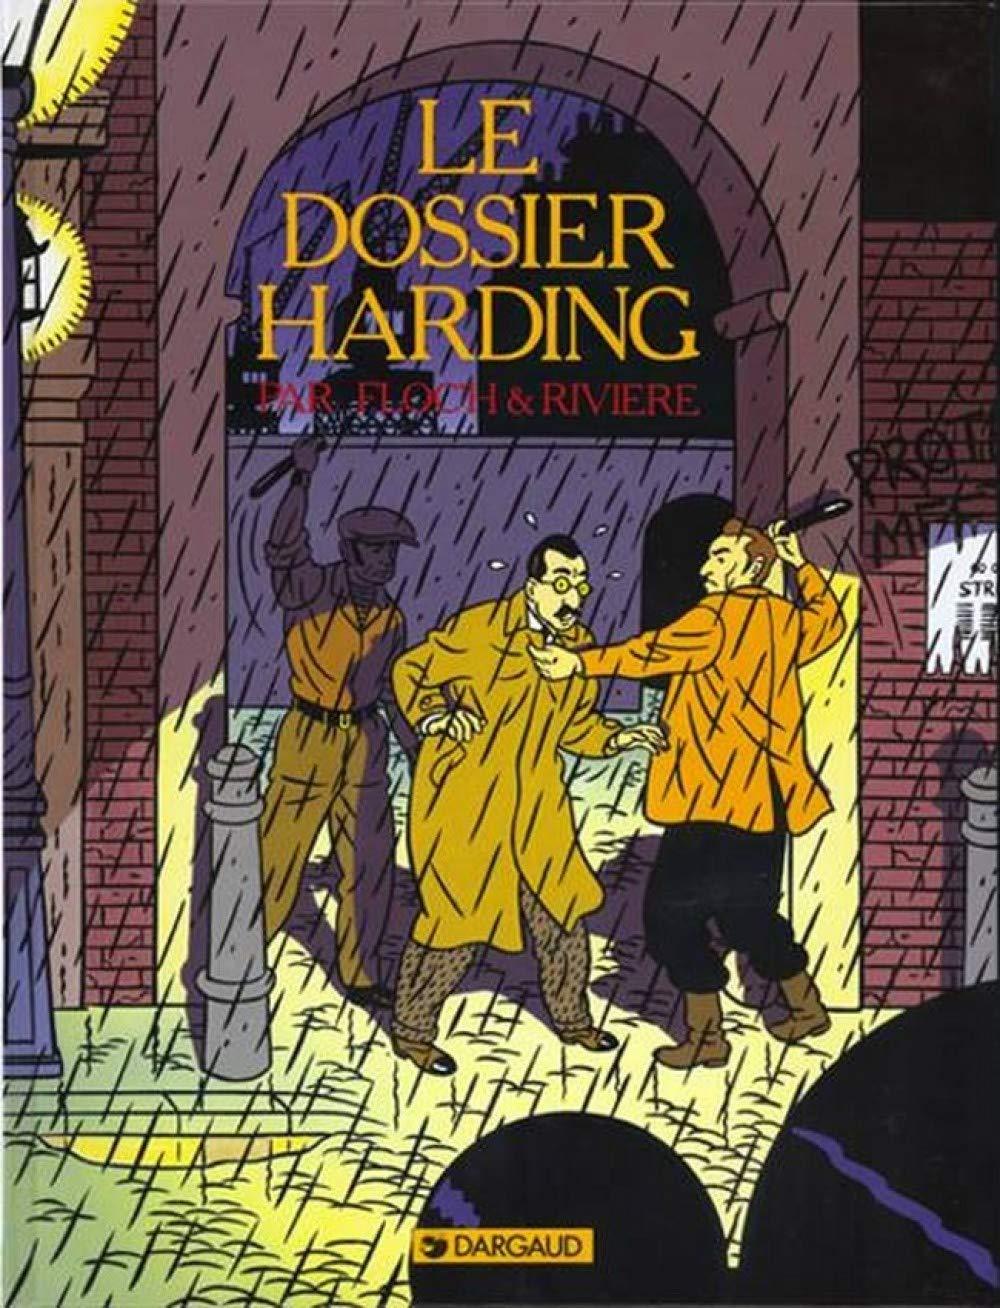 """Couverture de la réédition du """"Dossier Harding"""" (Dargaud 1984 - 2019)"""